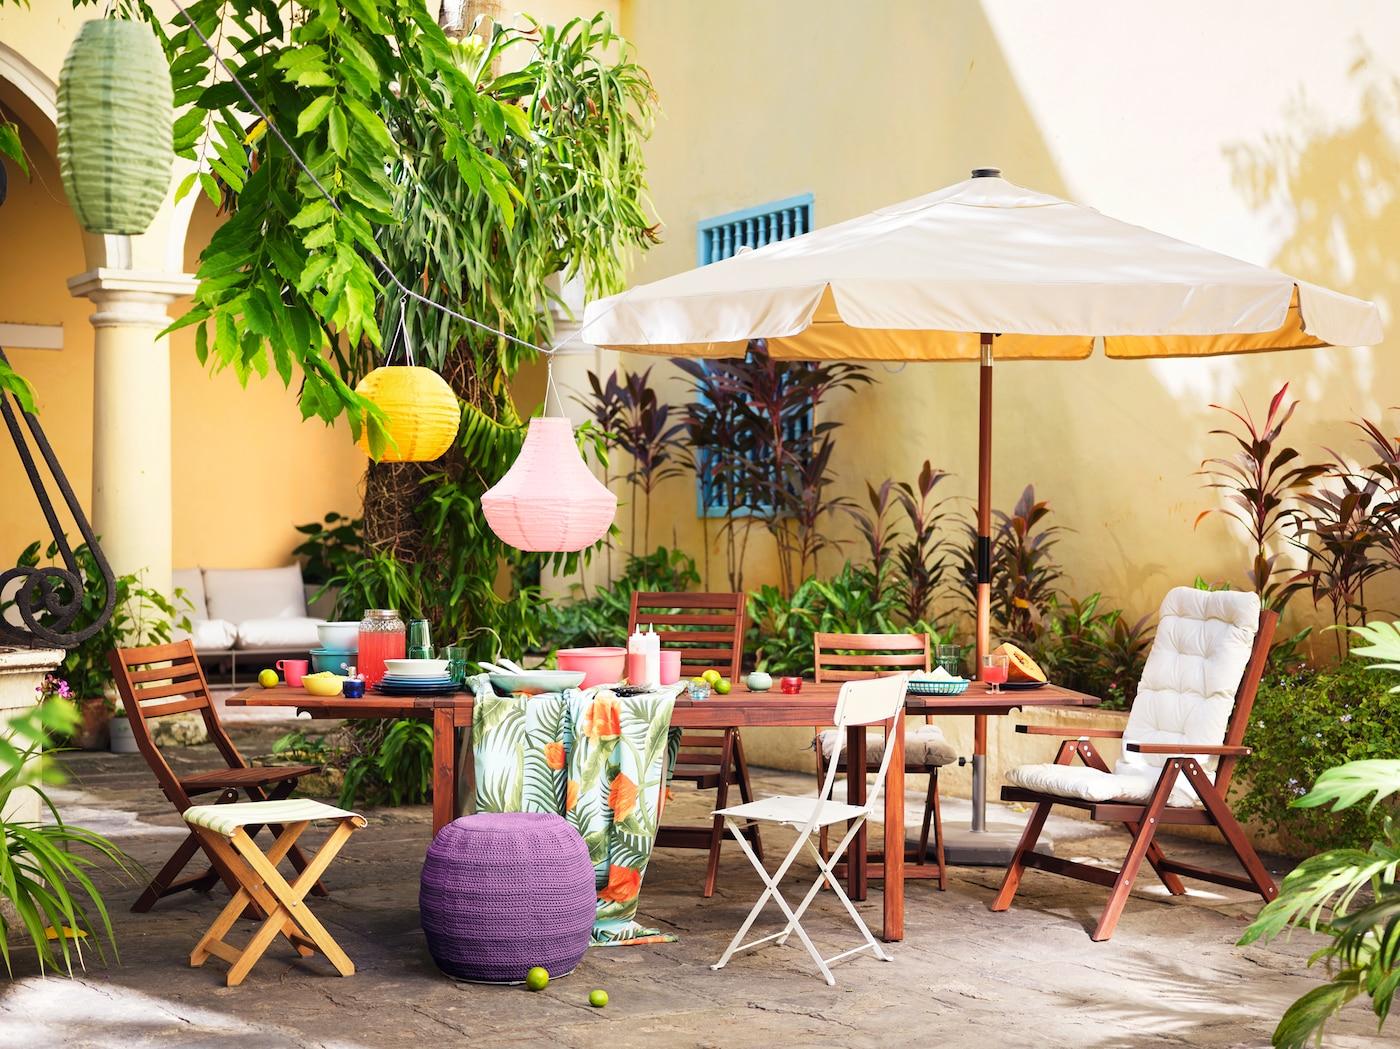 Деревянный стол и несколько разных стульев стоят на свежем воздухе на фоне желтой стены. Рядом видны красочные фонари и зонт.